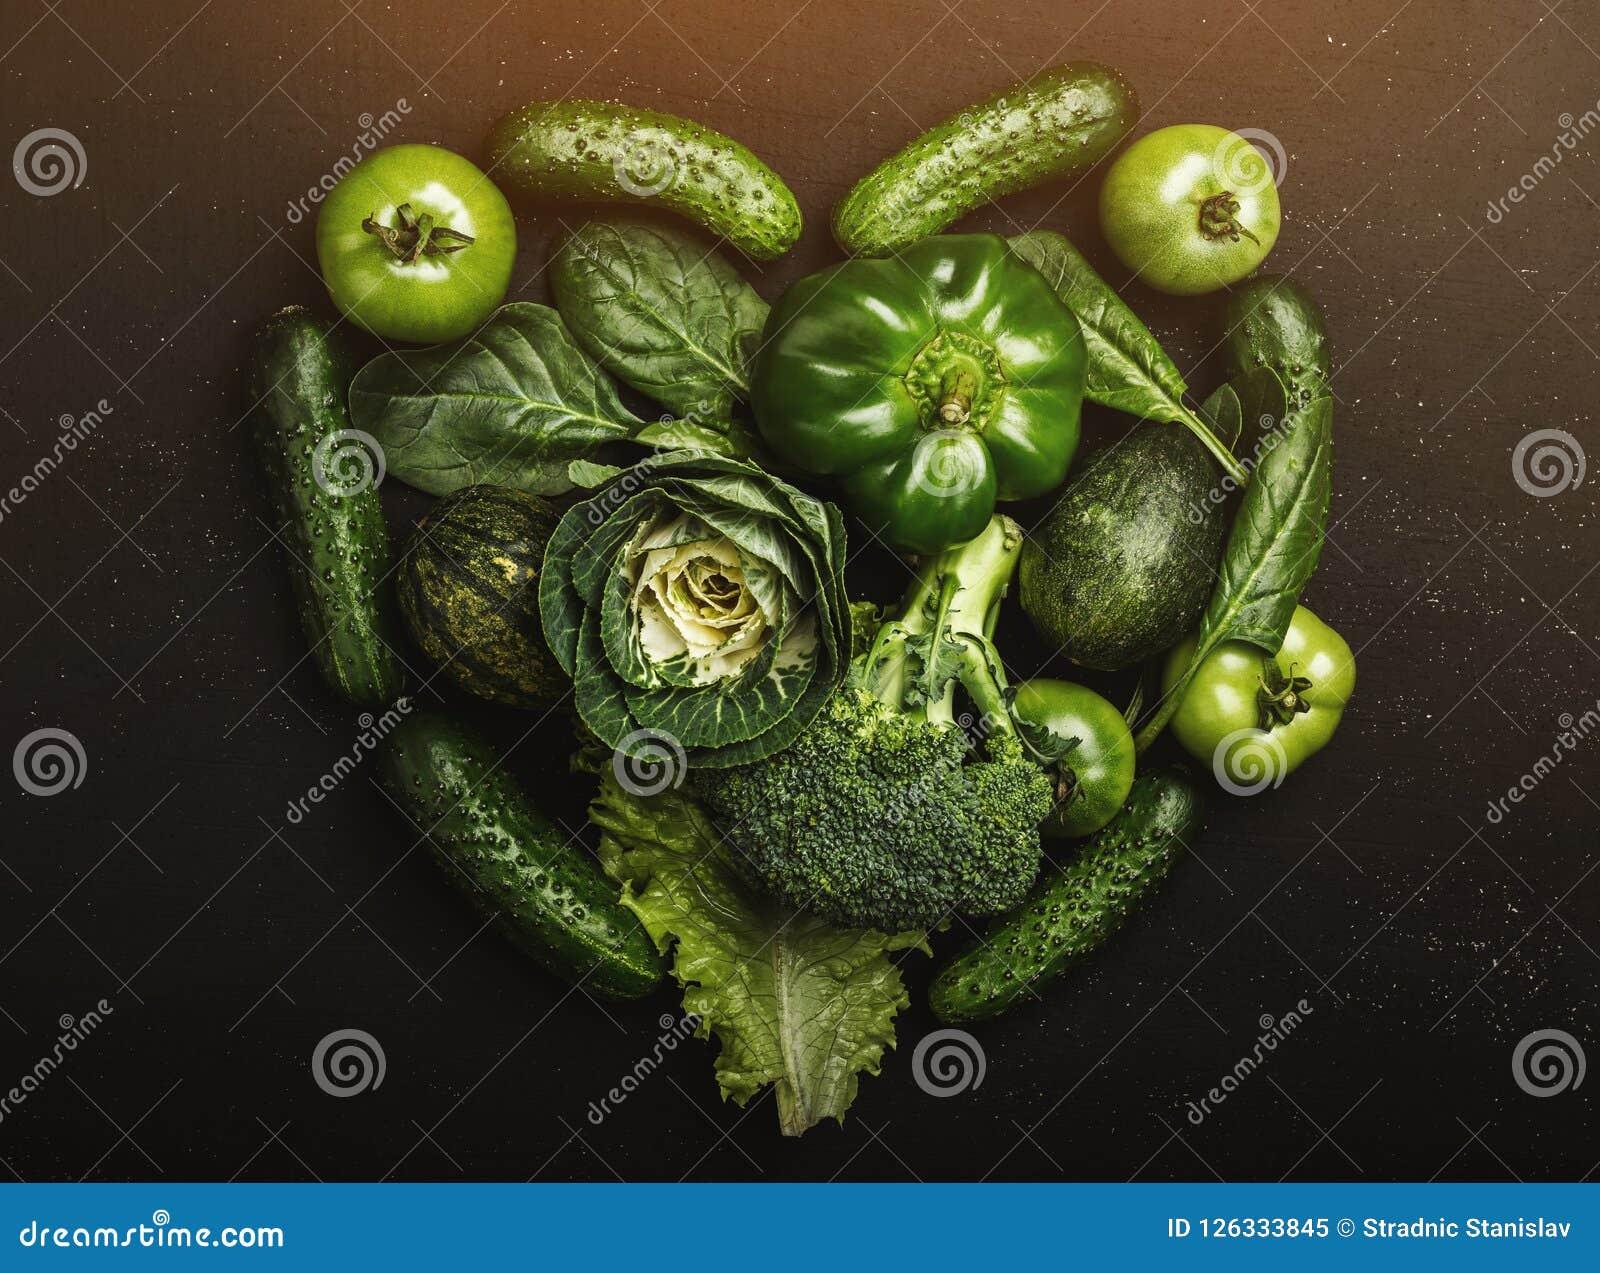 Kierowa kształt forma różnorodnymi zielonymi zdrowymi warzywami, odgórny widok